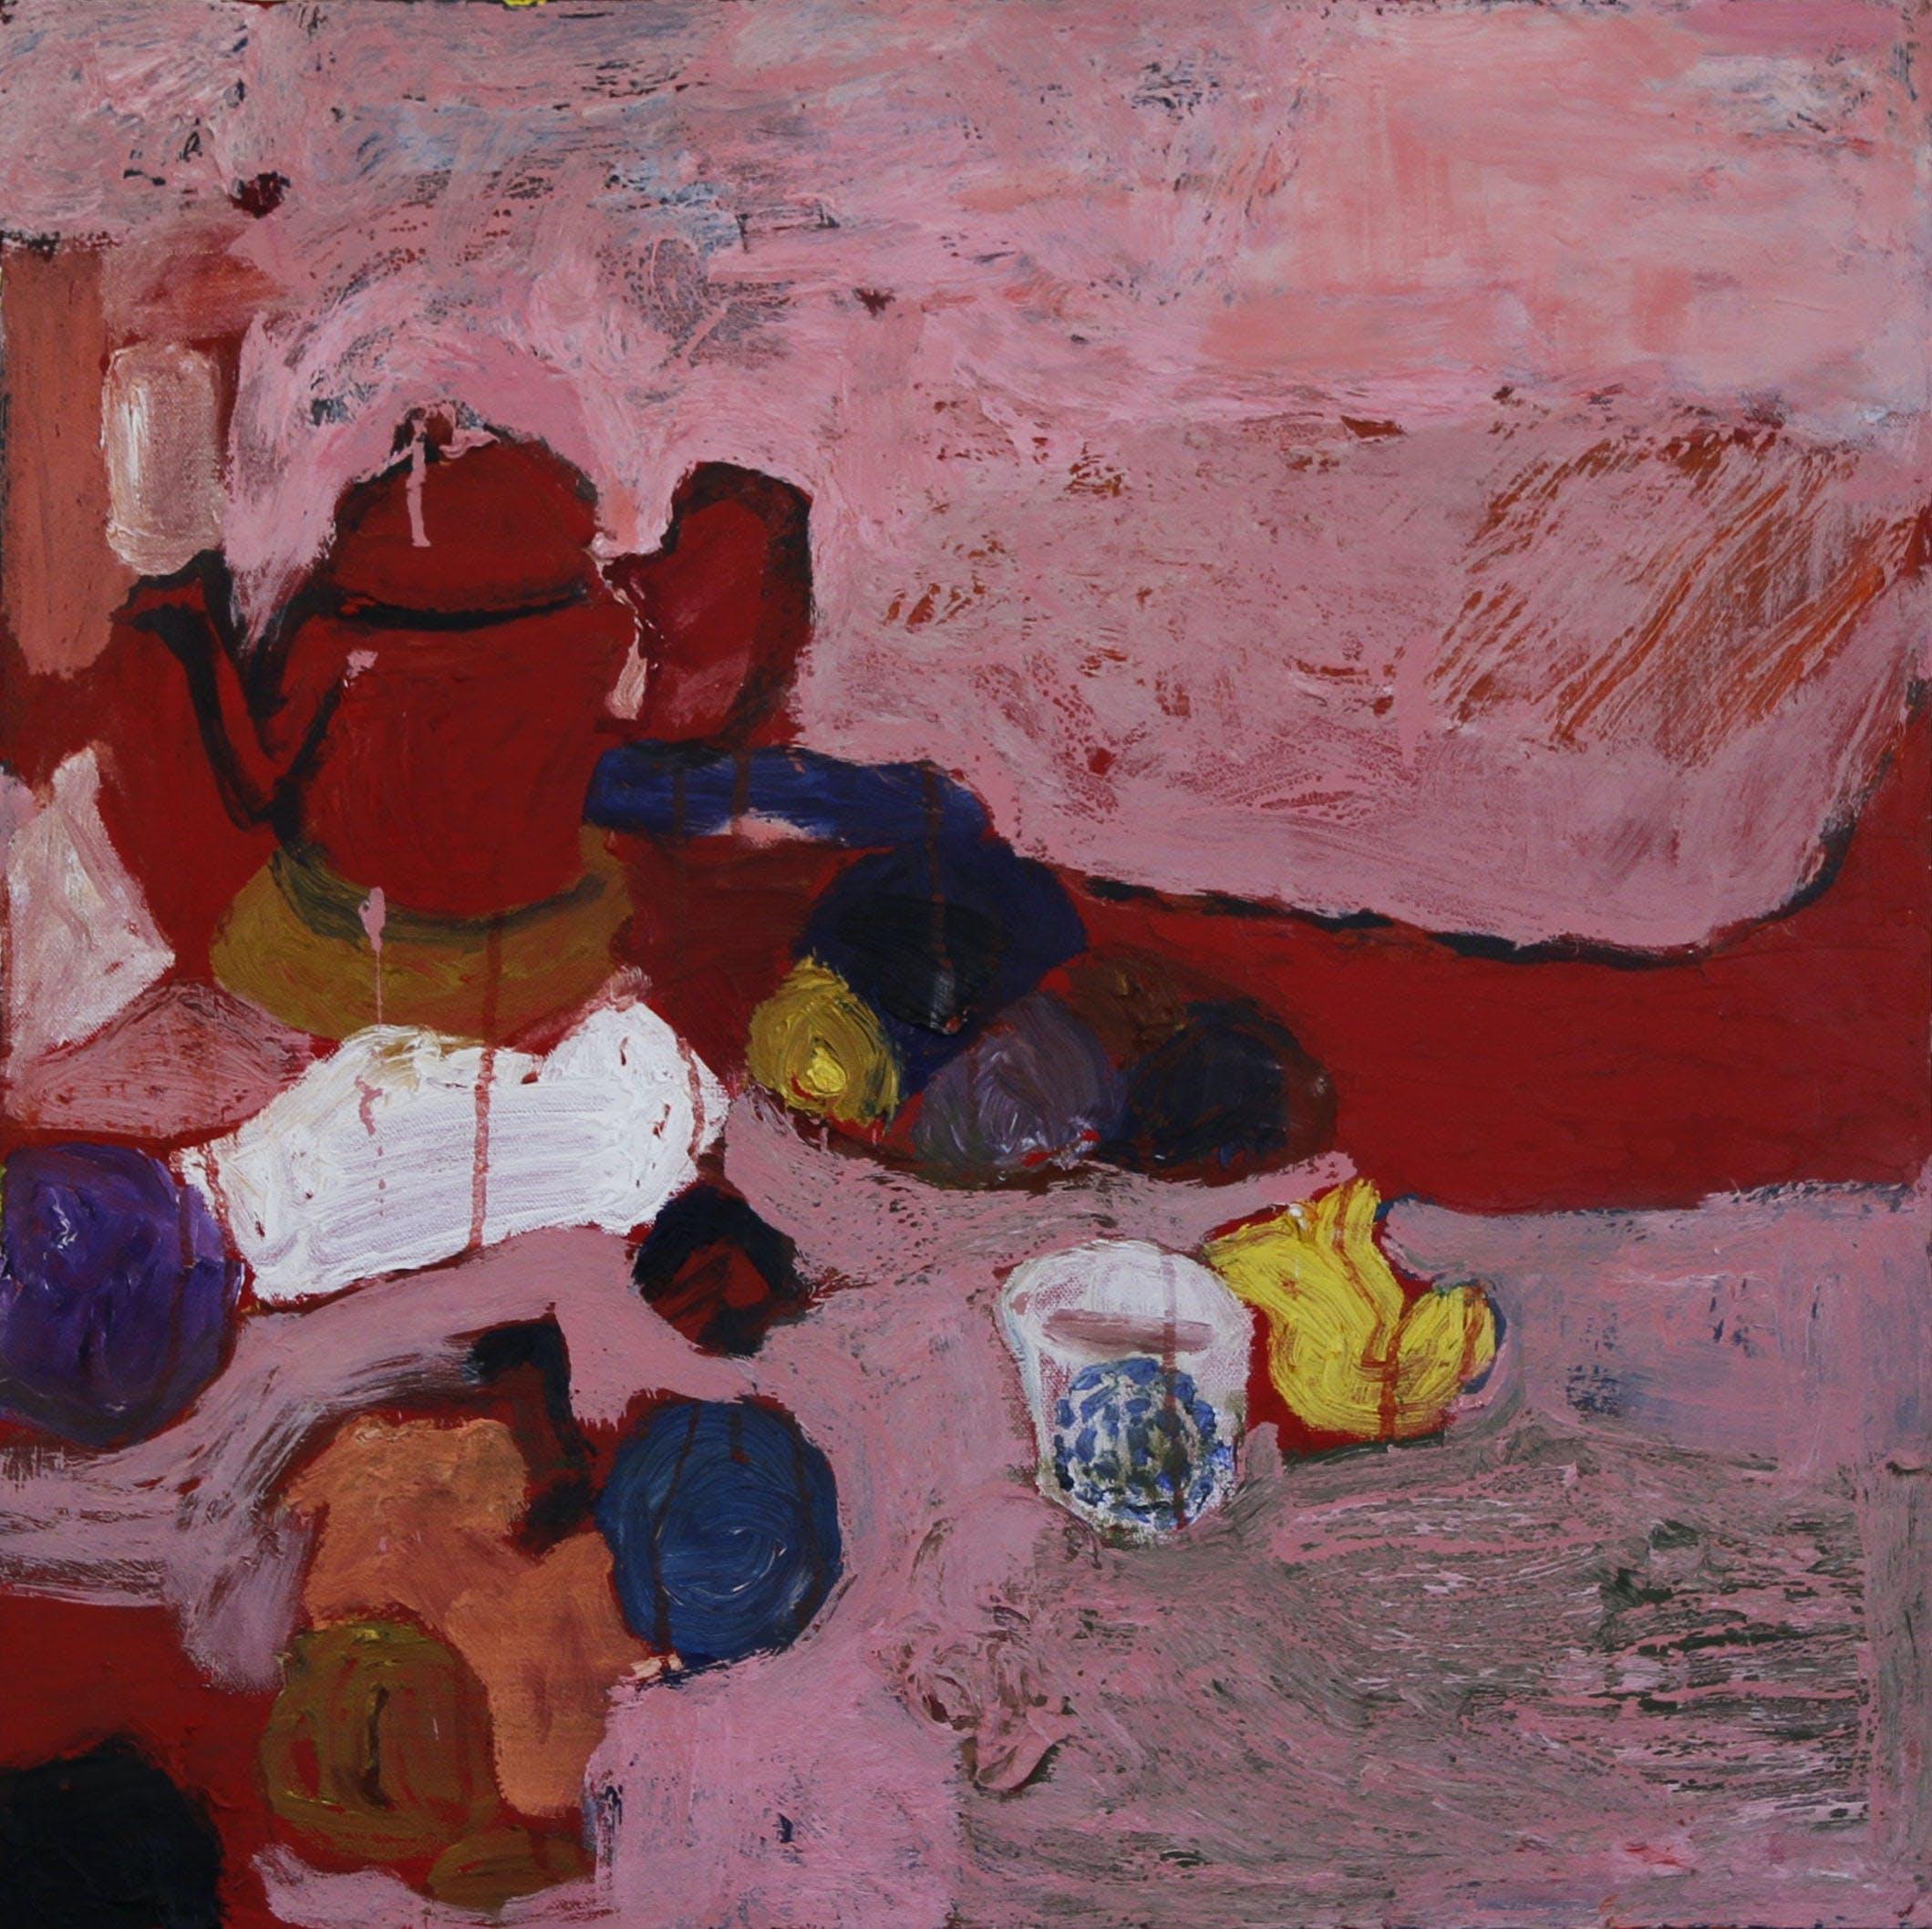 Punainen asetelma, 60cm x 60cm, öljy/tempera kankaalle, 2015